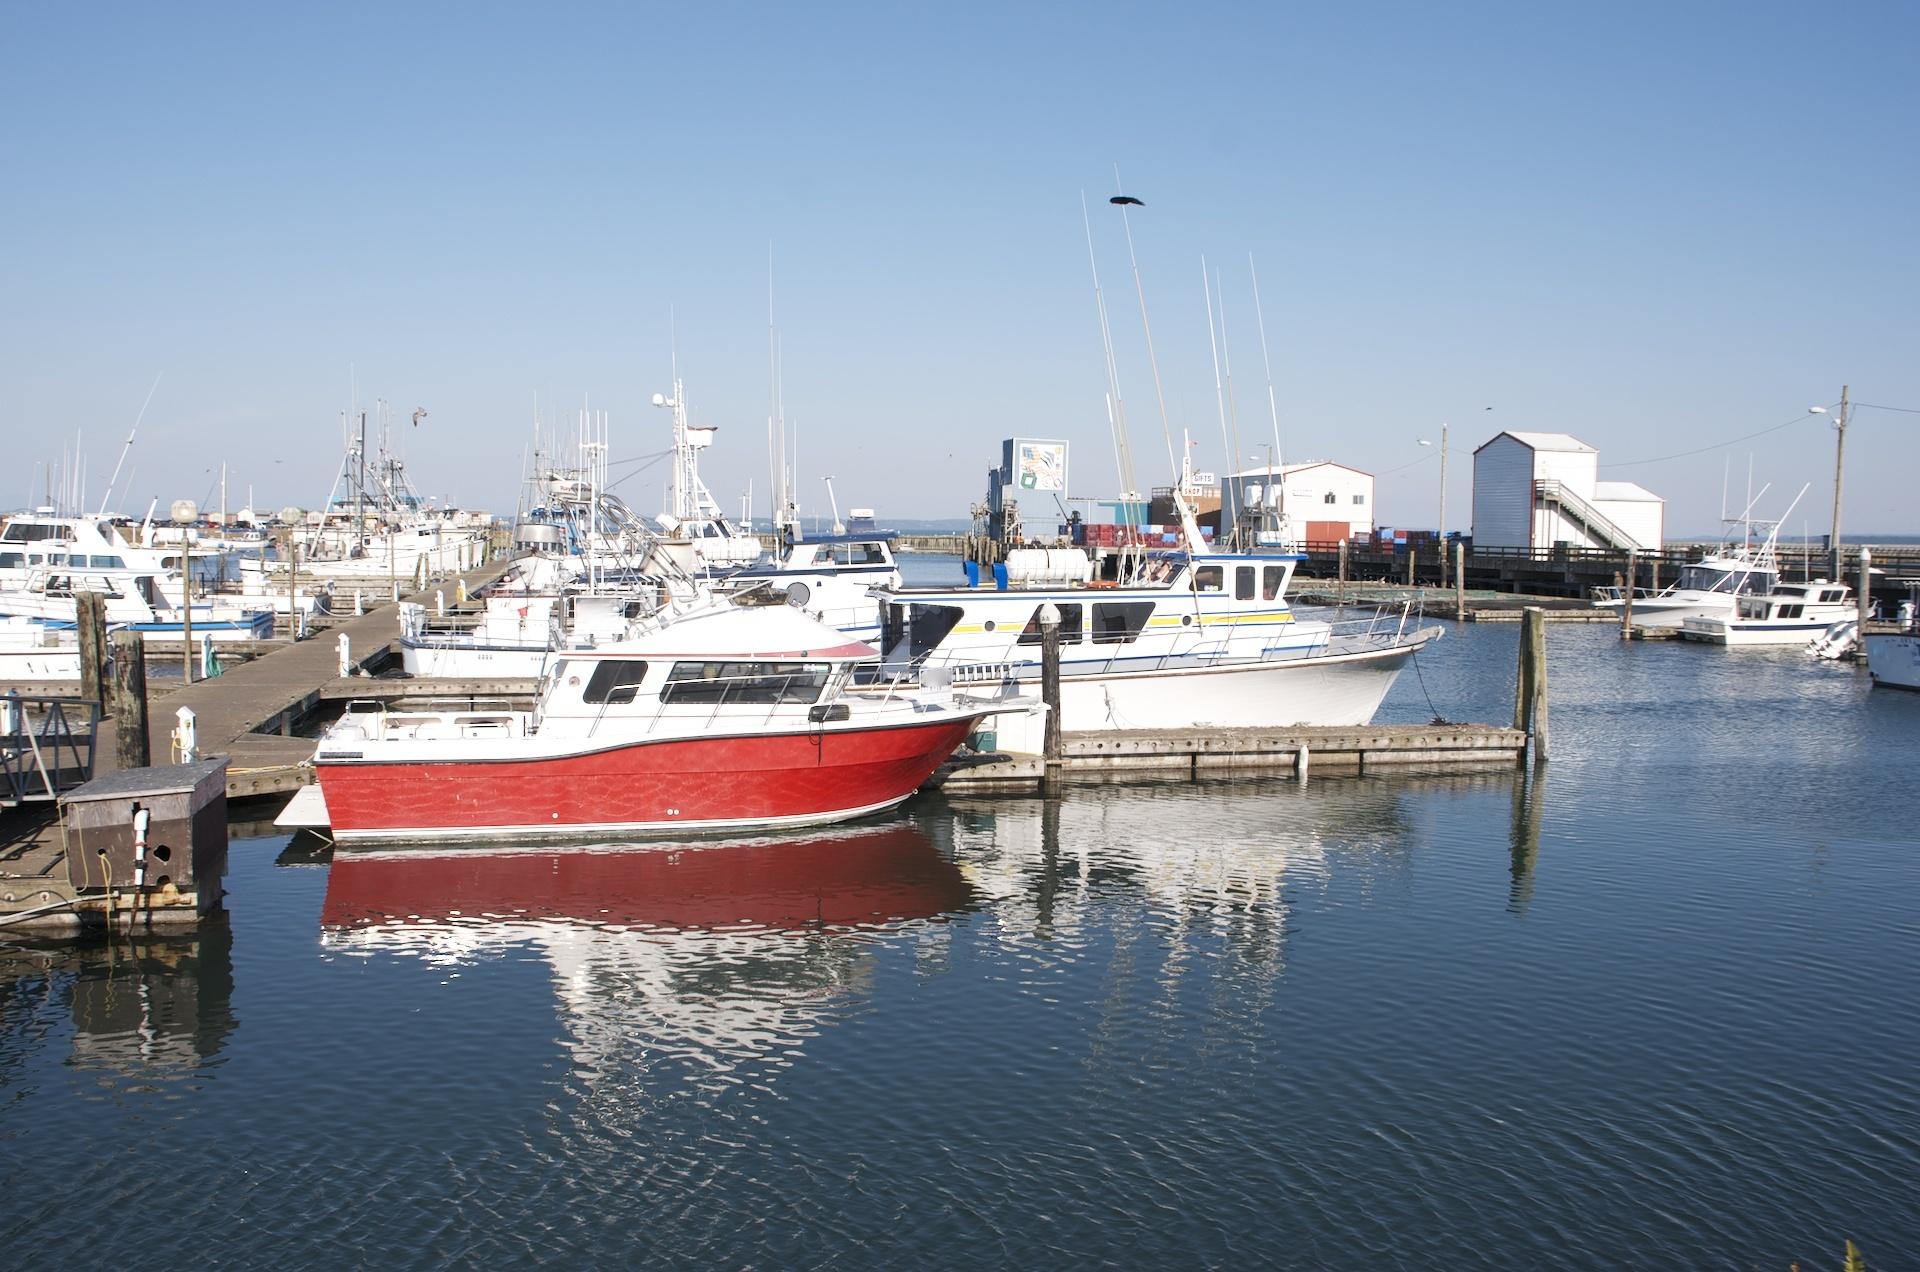 bigstock-Fishing-boats-39989188.jpg